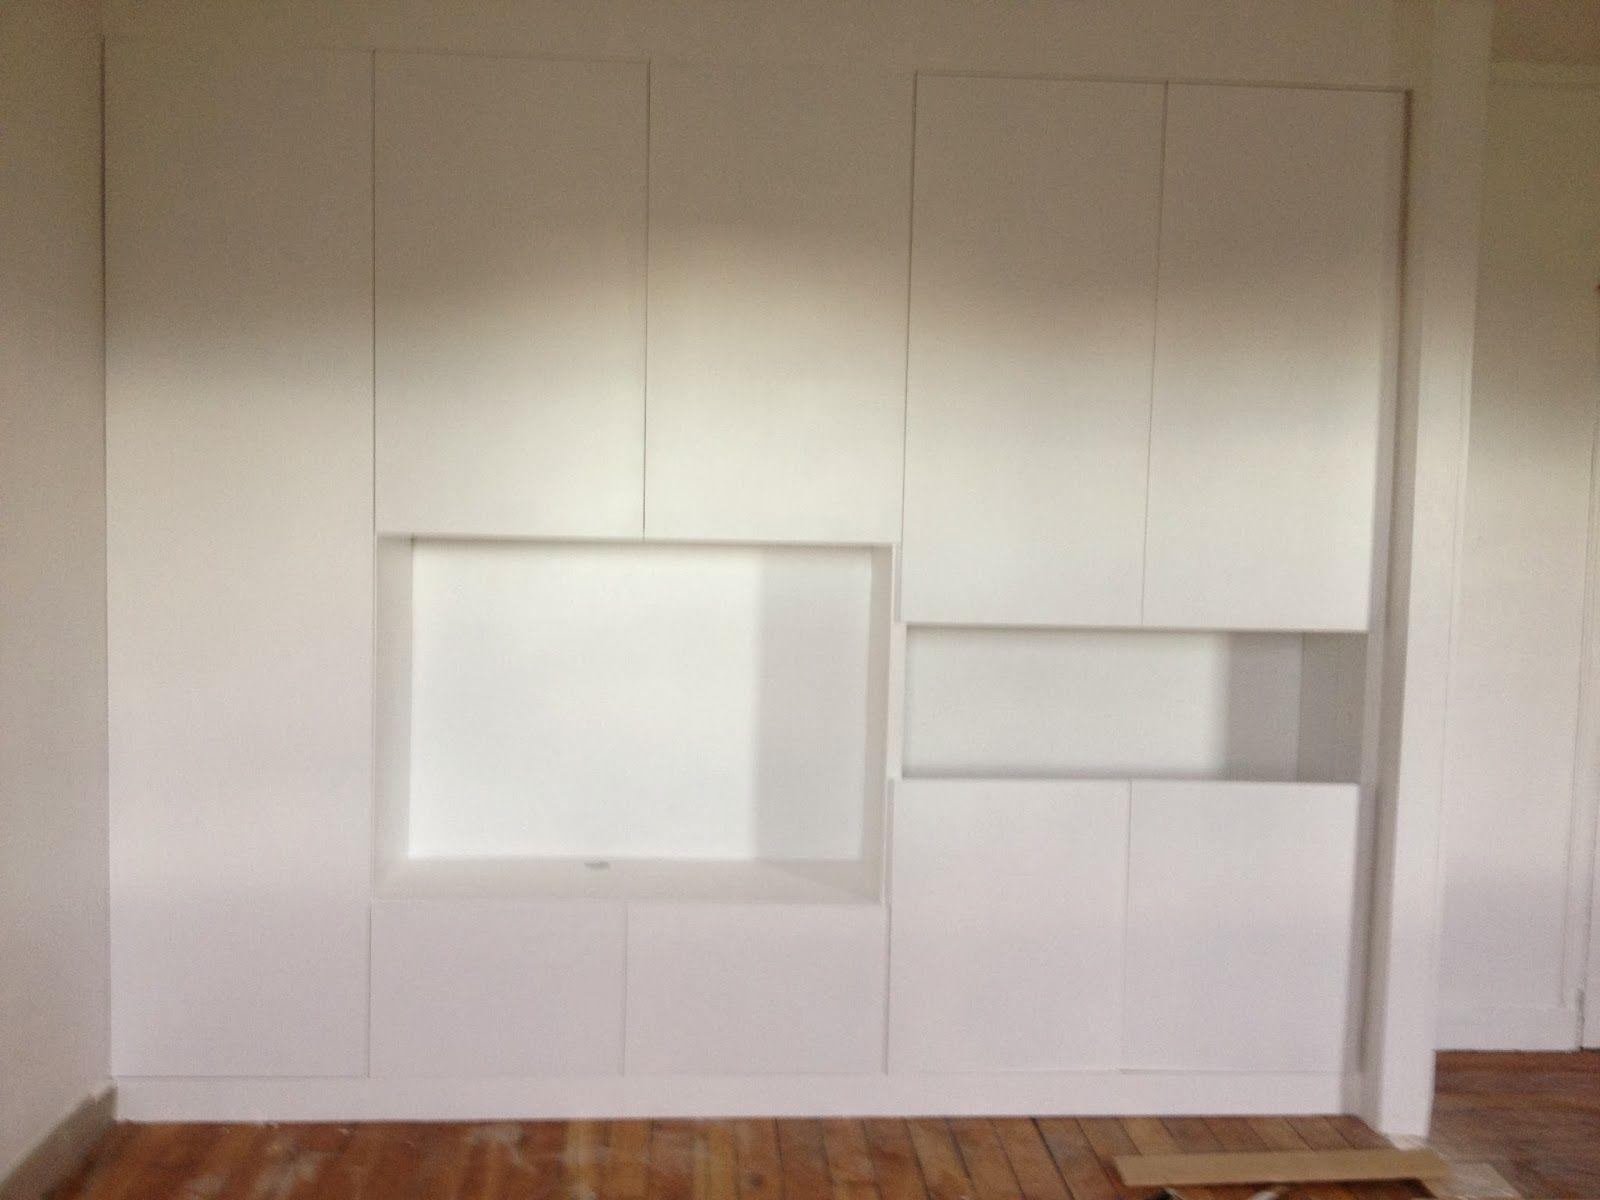 Diy Un Mur De Placards Disenos De Unas Decoracion De Unas Dormitorios